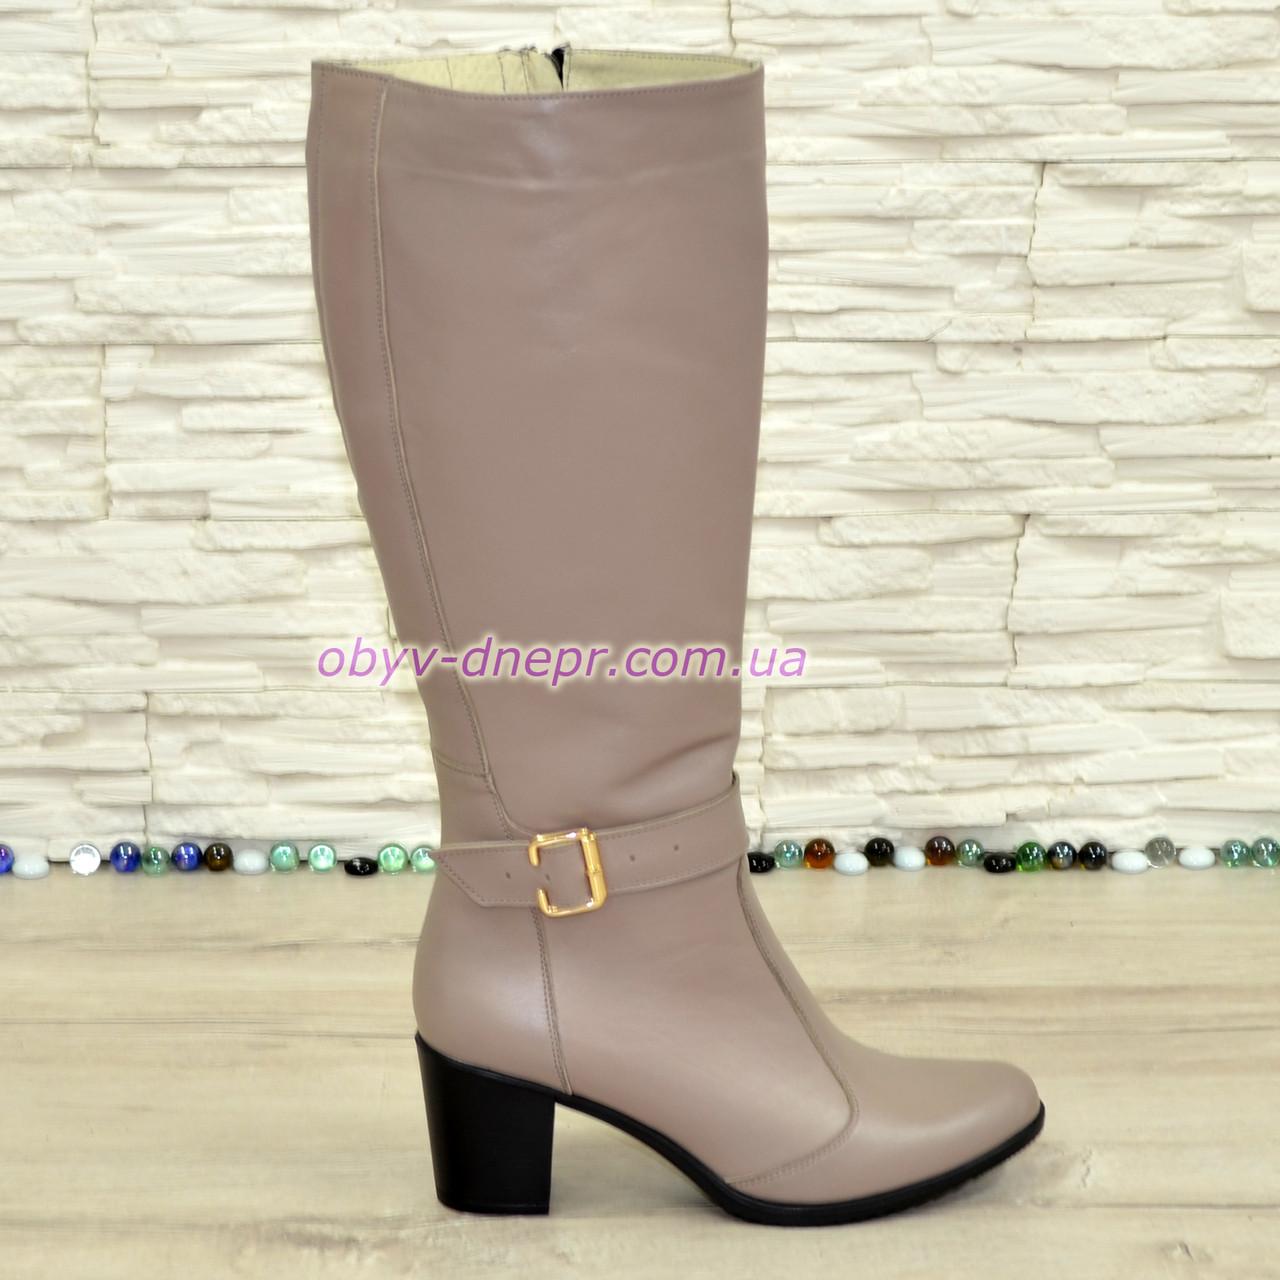 Сапоги женские кожаные  , устойчивый каблук, цвет визон.